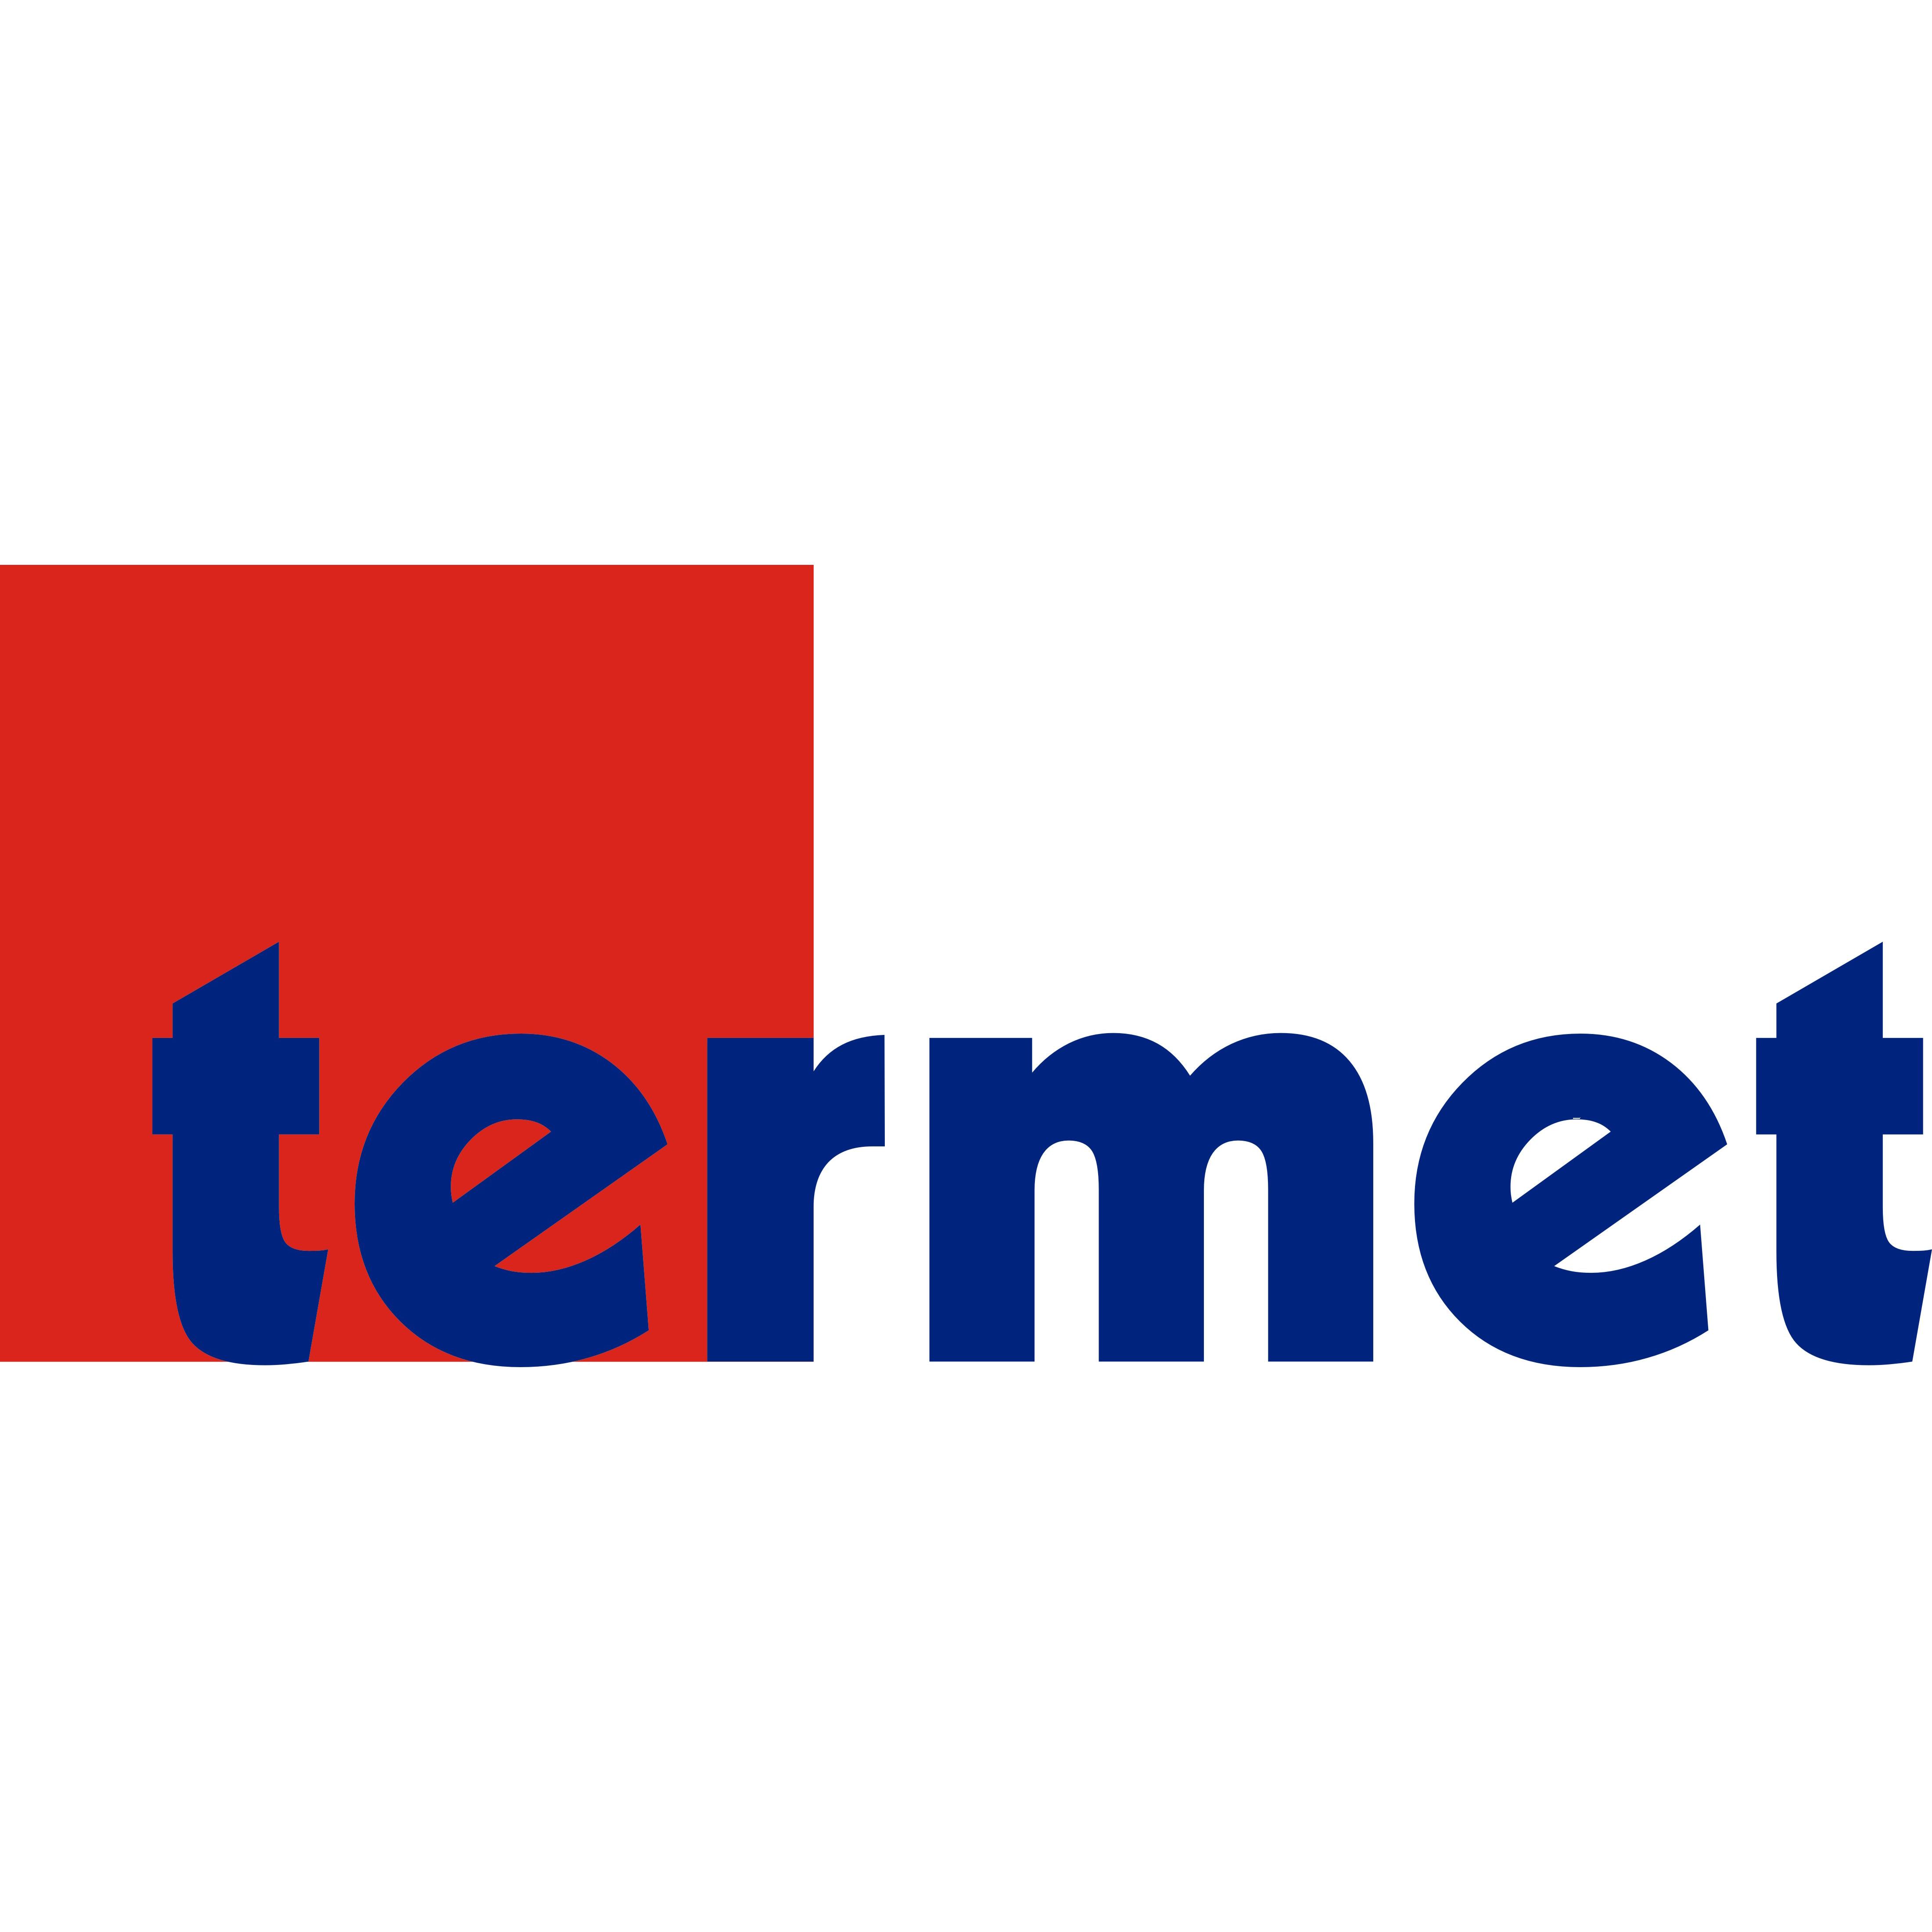 Logo Termet